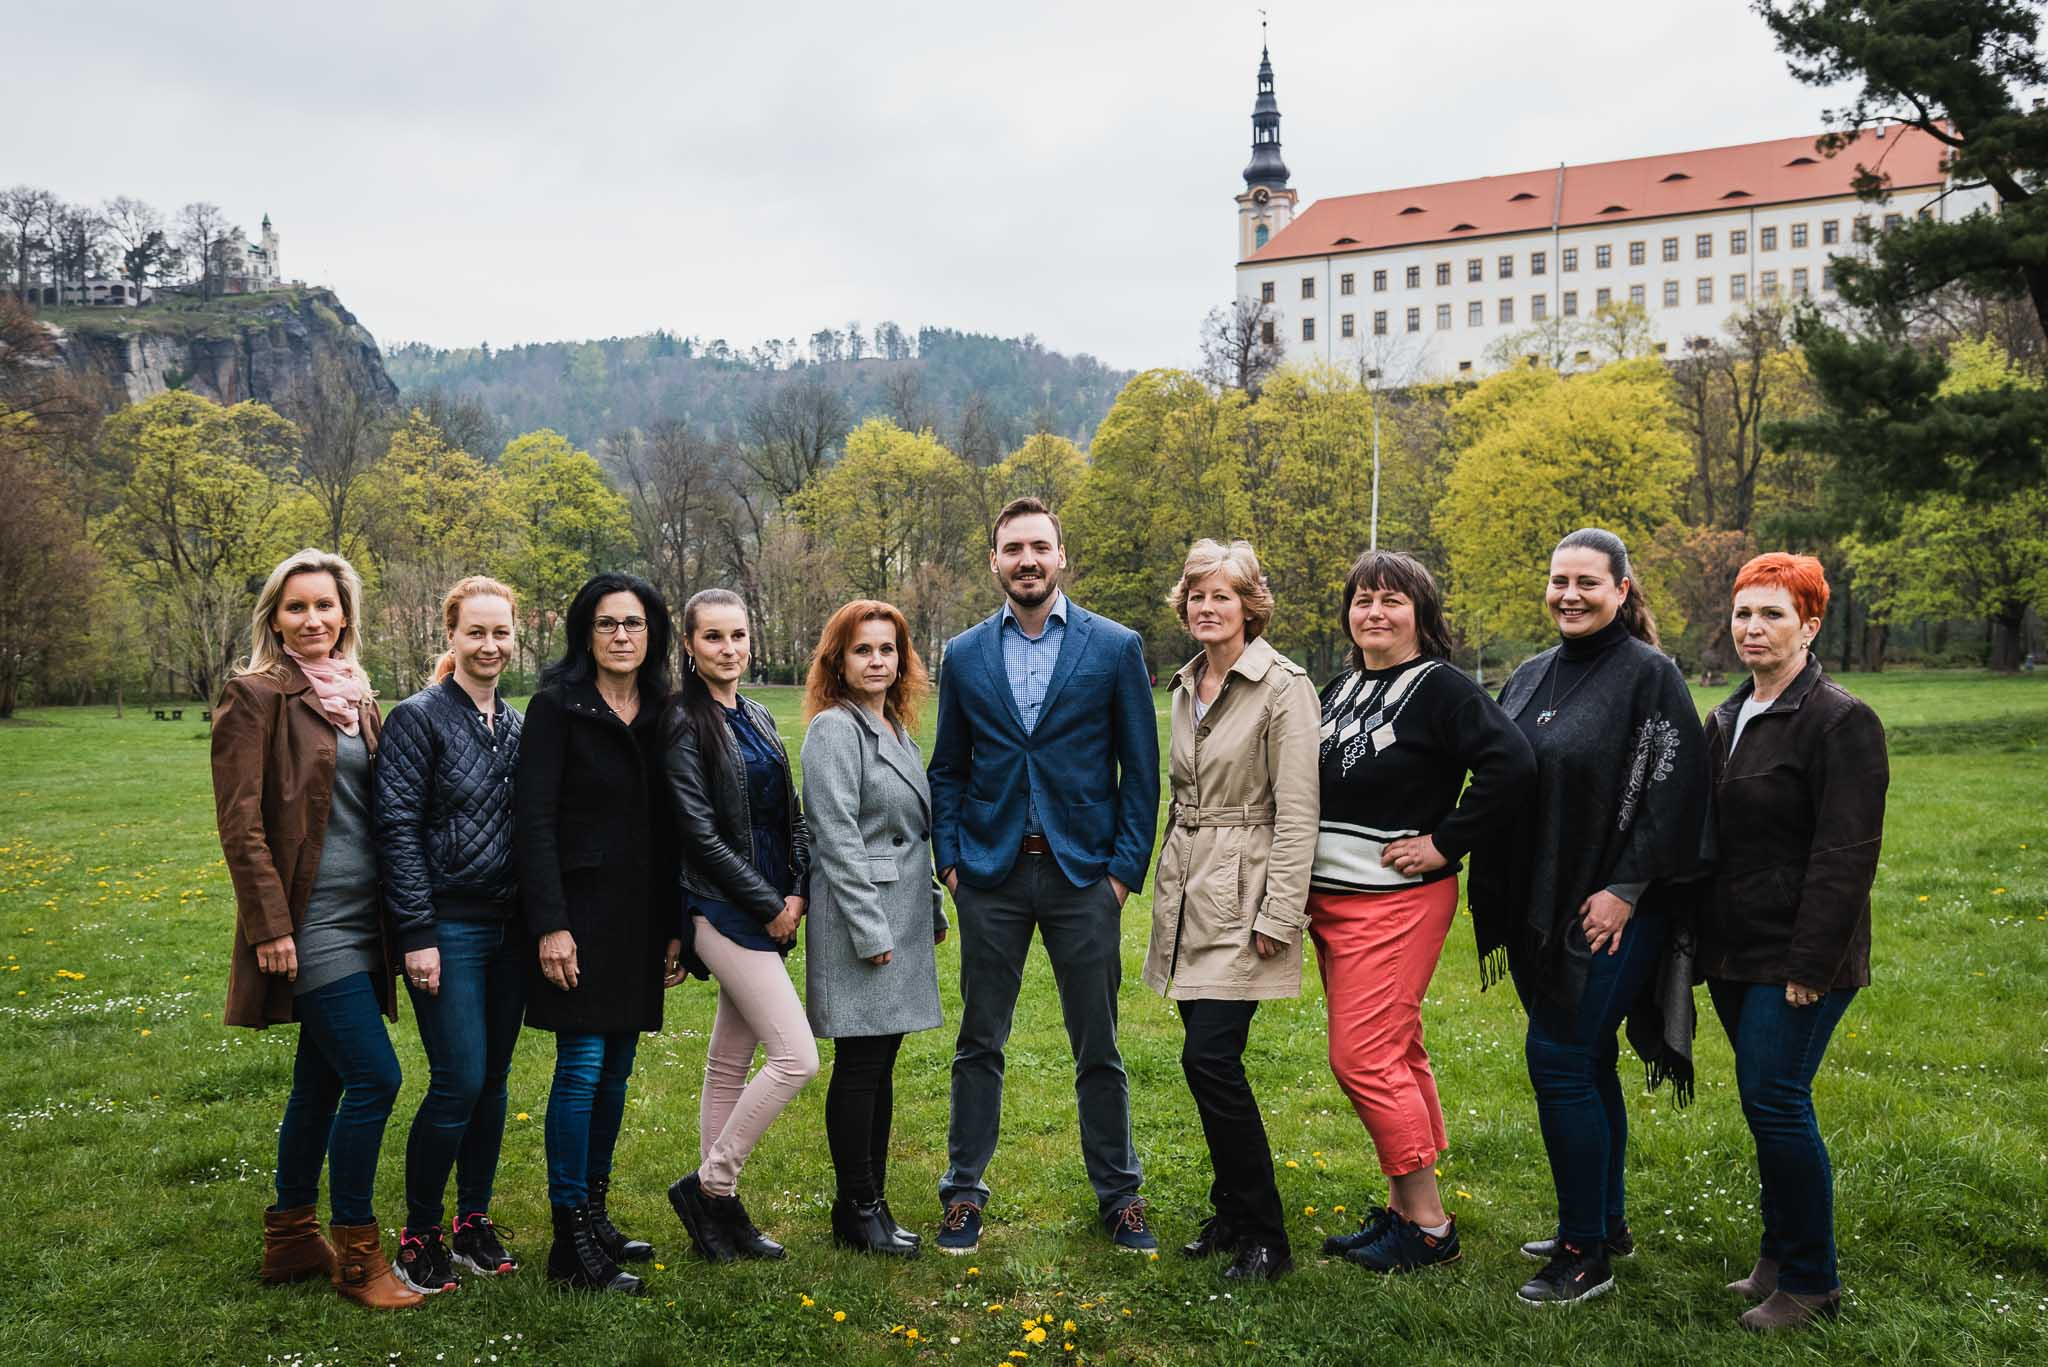 Agentura osobní asistenční služby z. ú. Děčín